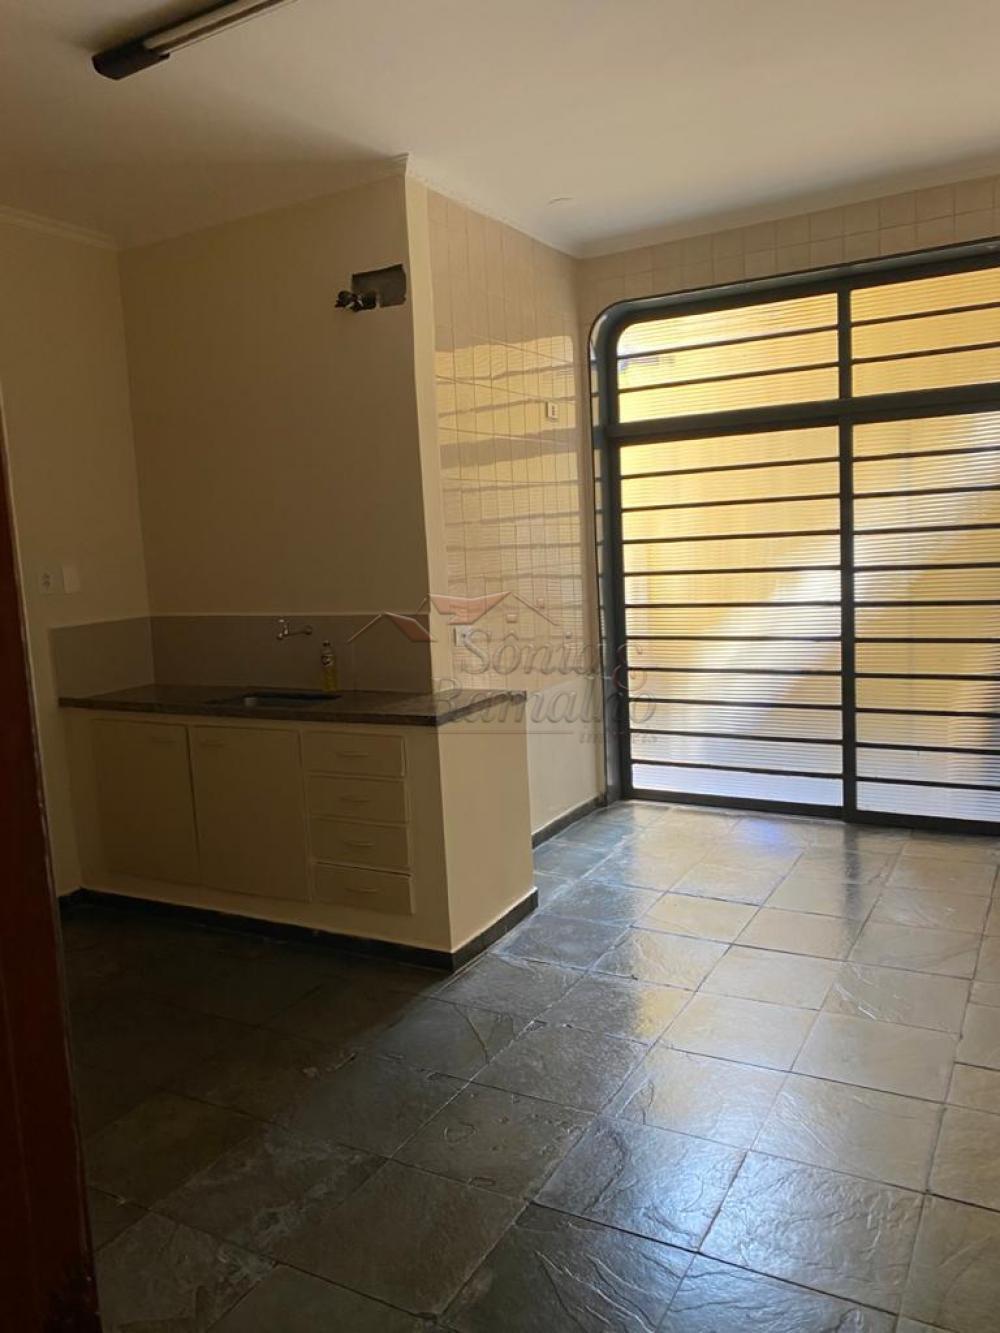 Alugar Comercial / Imóvel Comercial em Ribeirão Preto apenas R$ 7.000,00 - Foto 6